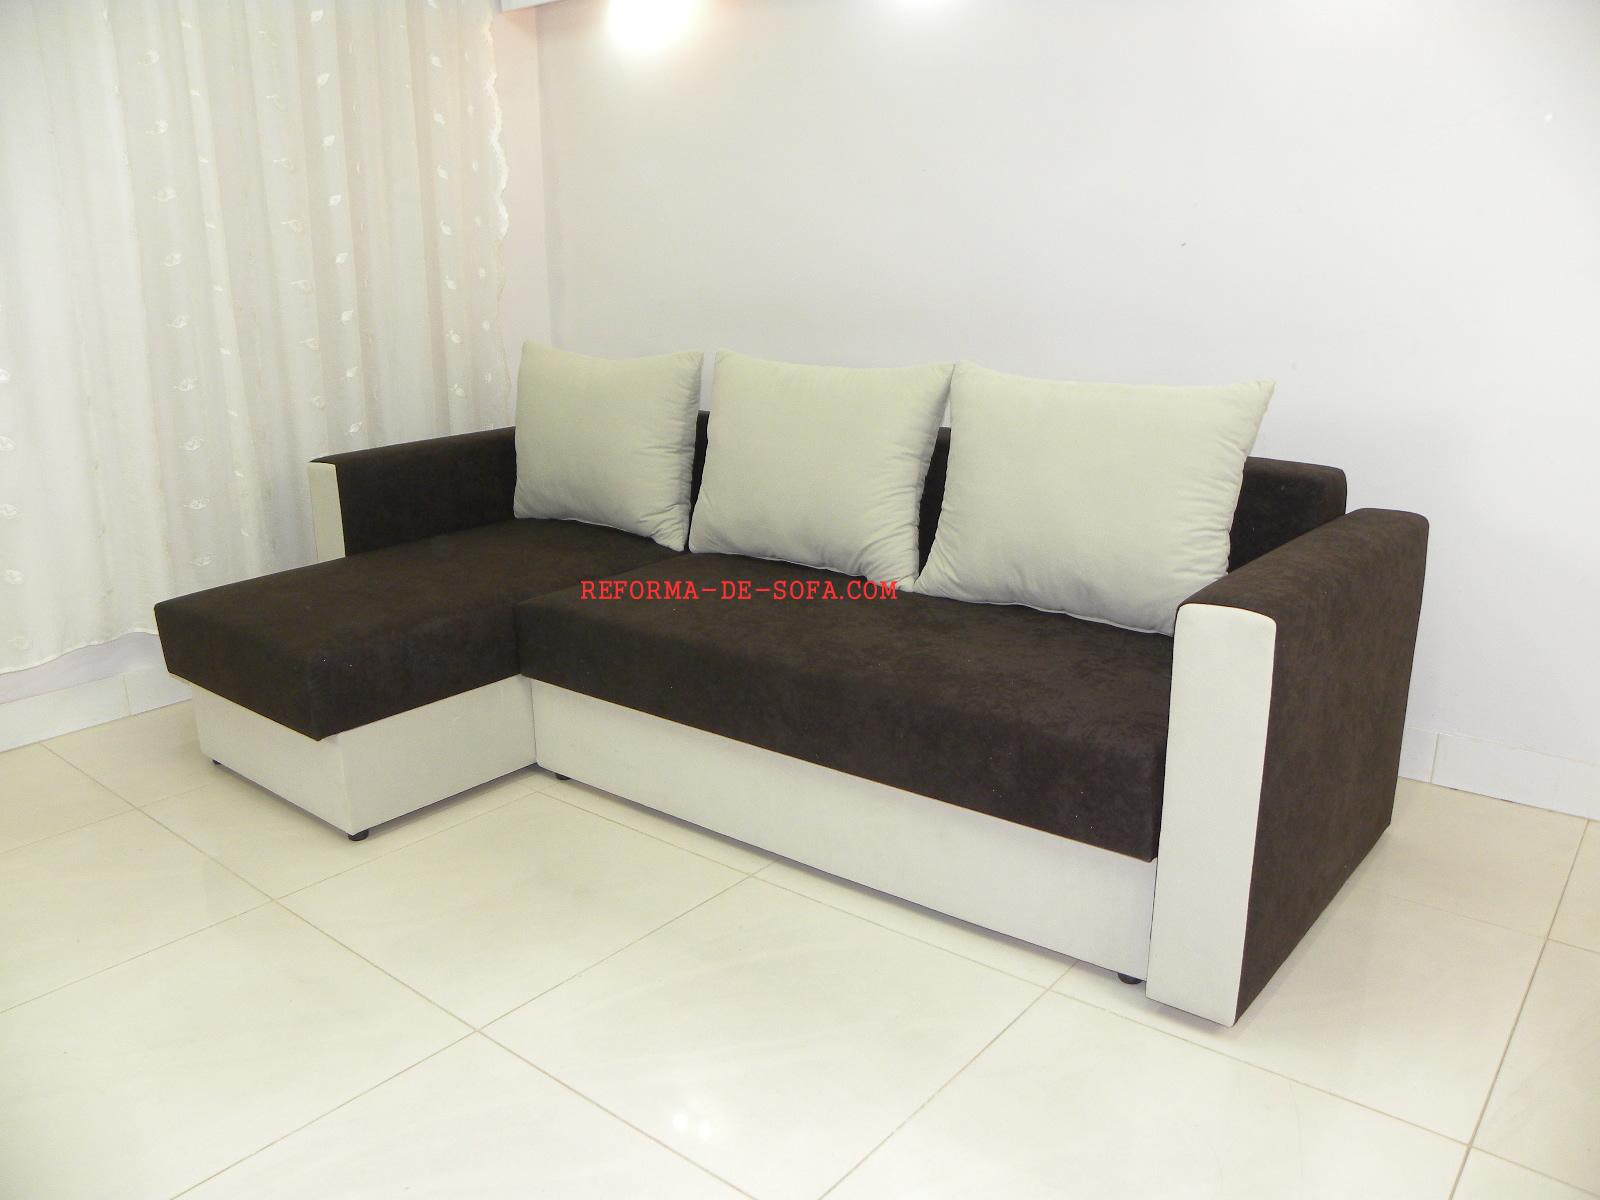 Mudar o modelo do sof sof com novo visual diminuir o for Sofas articulados modelos